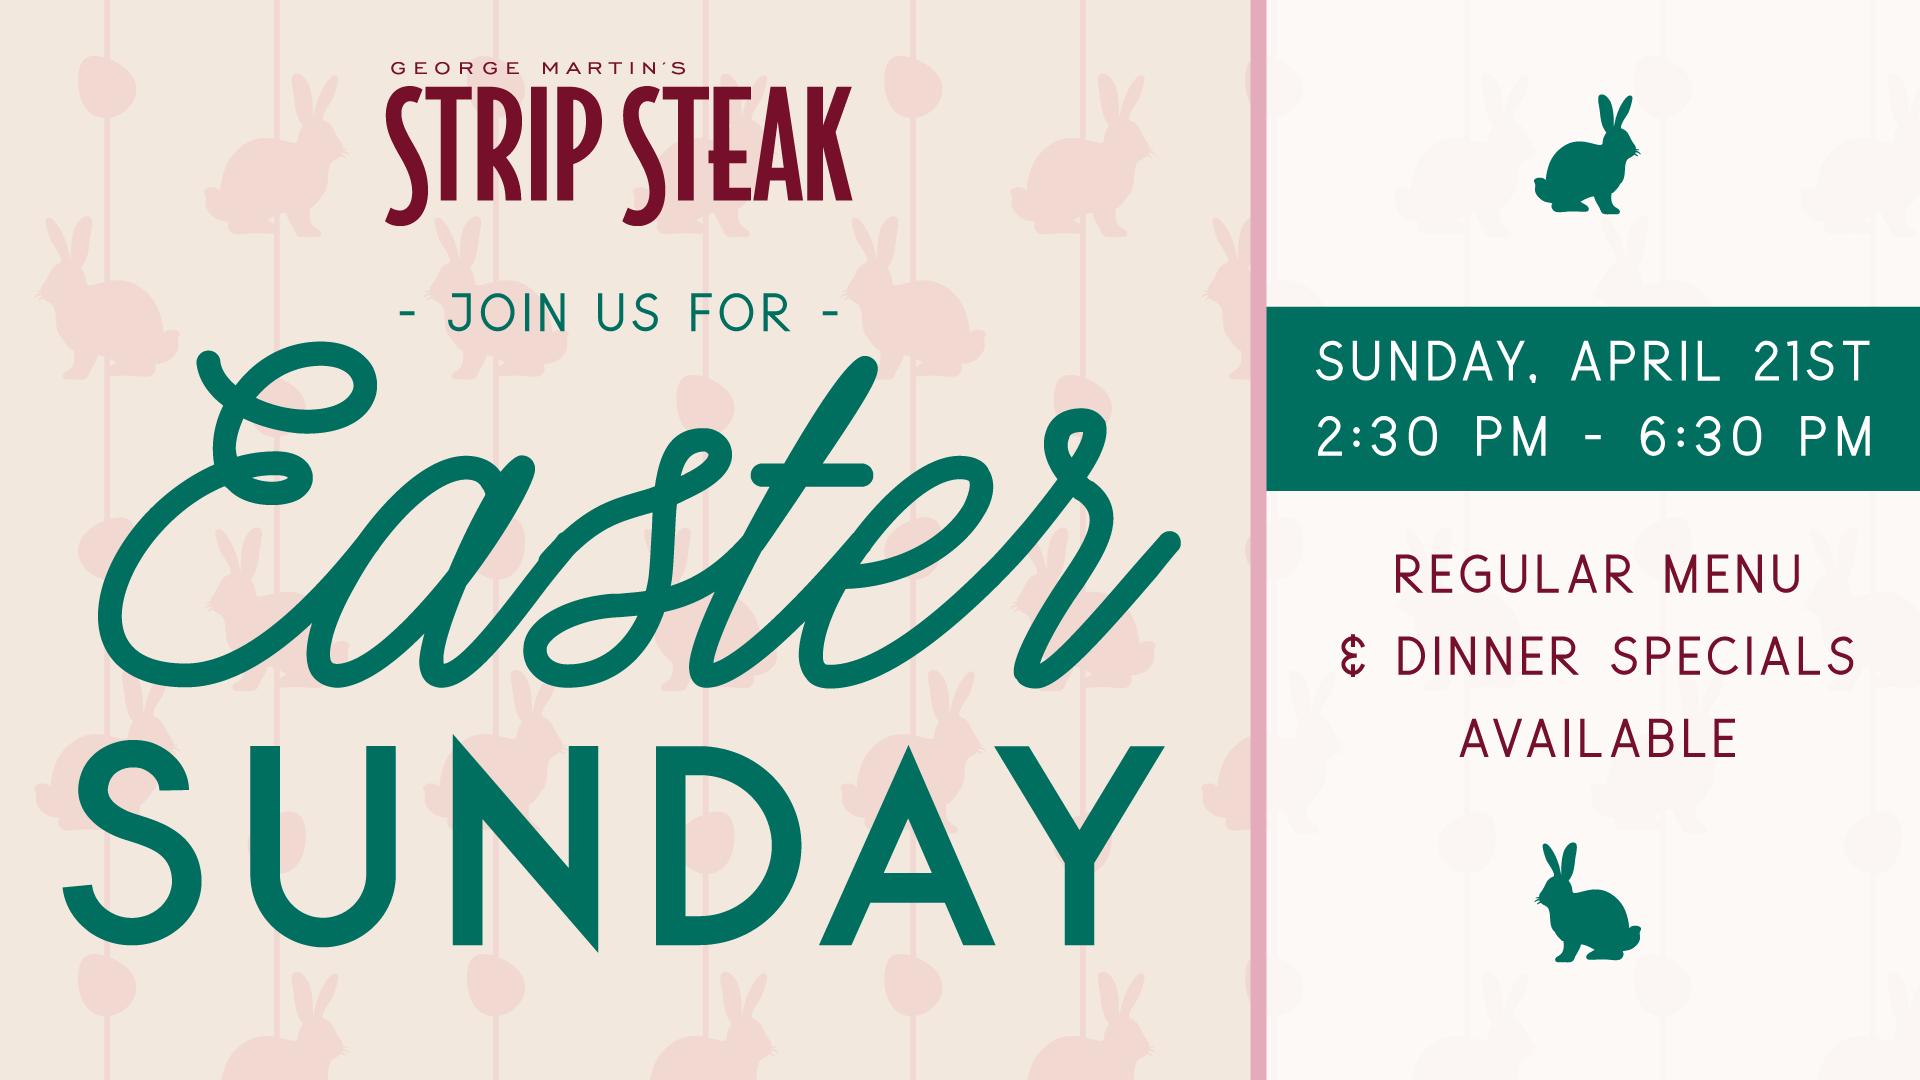 Easter Sunday at Strip Steak Flyer